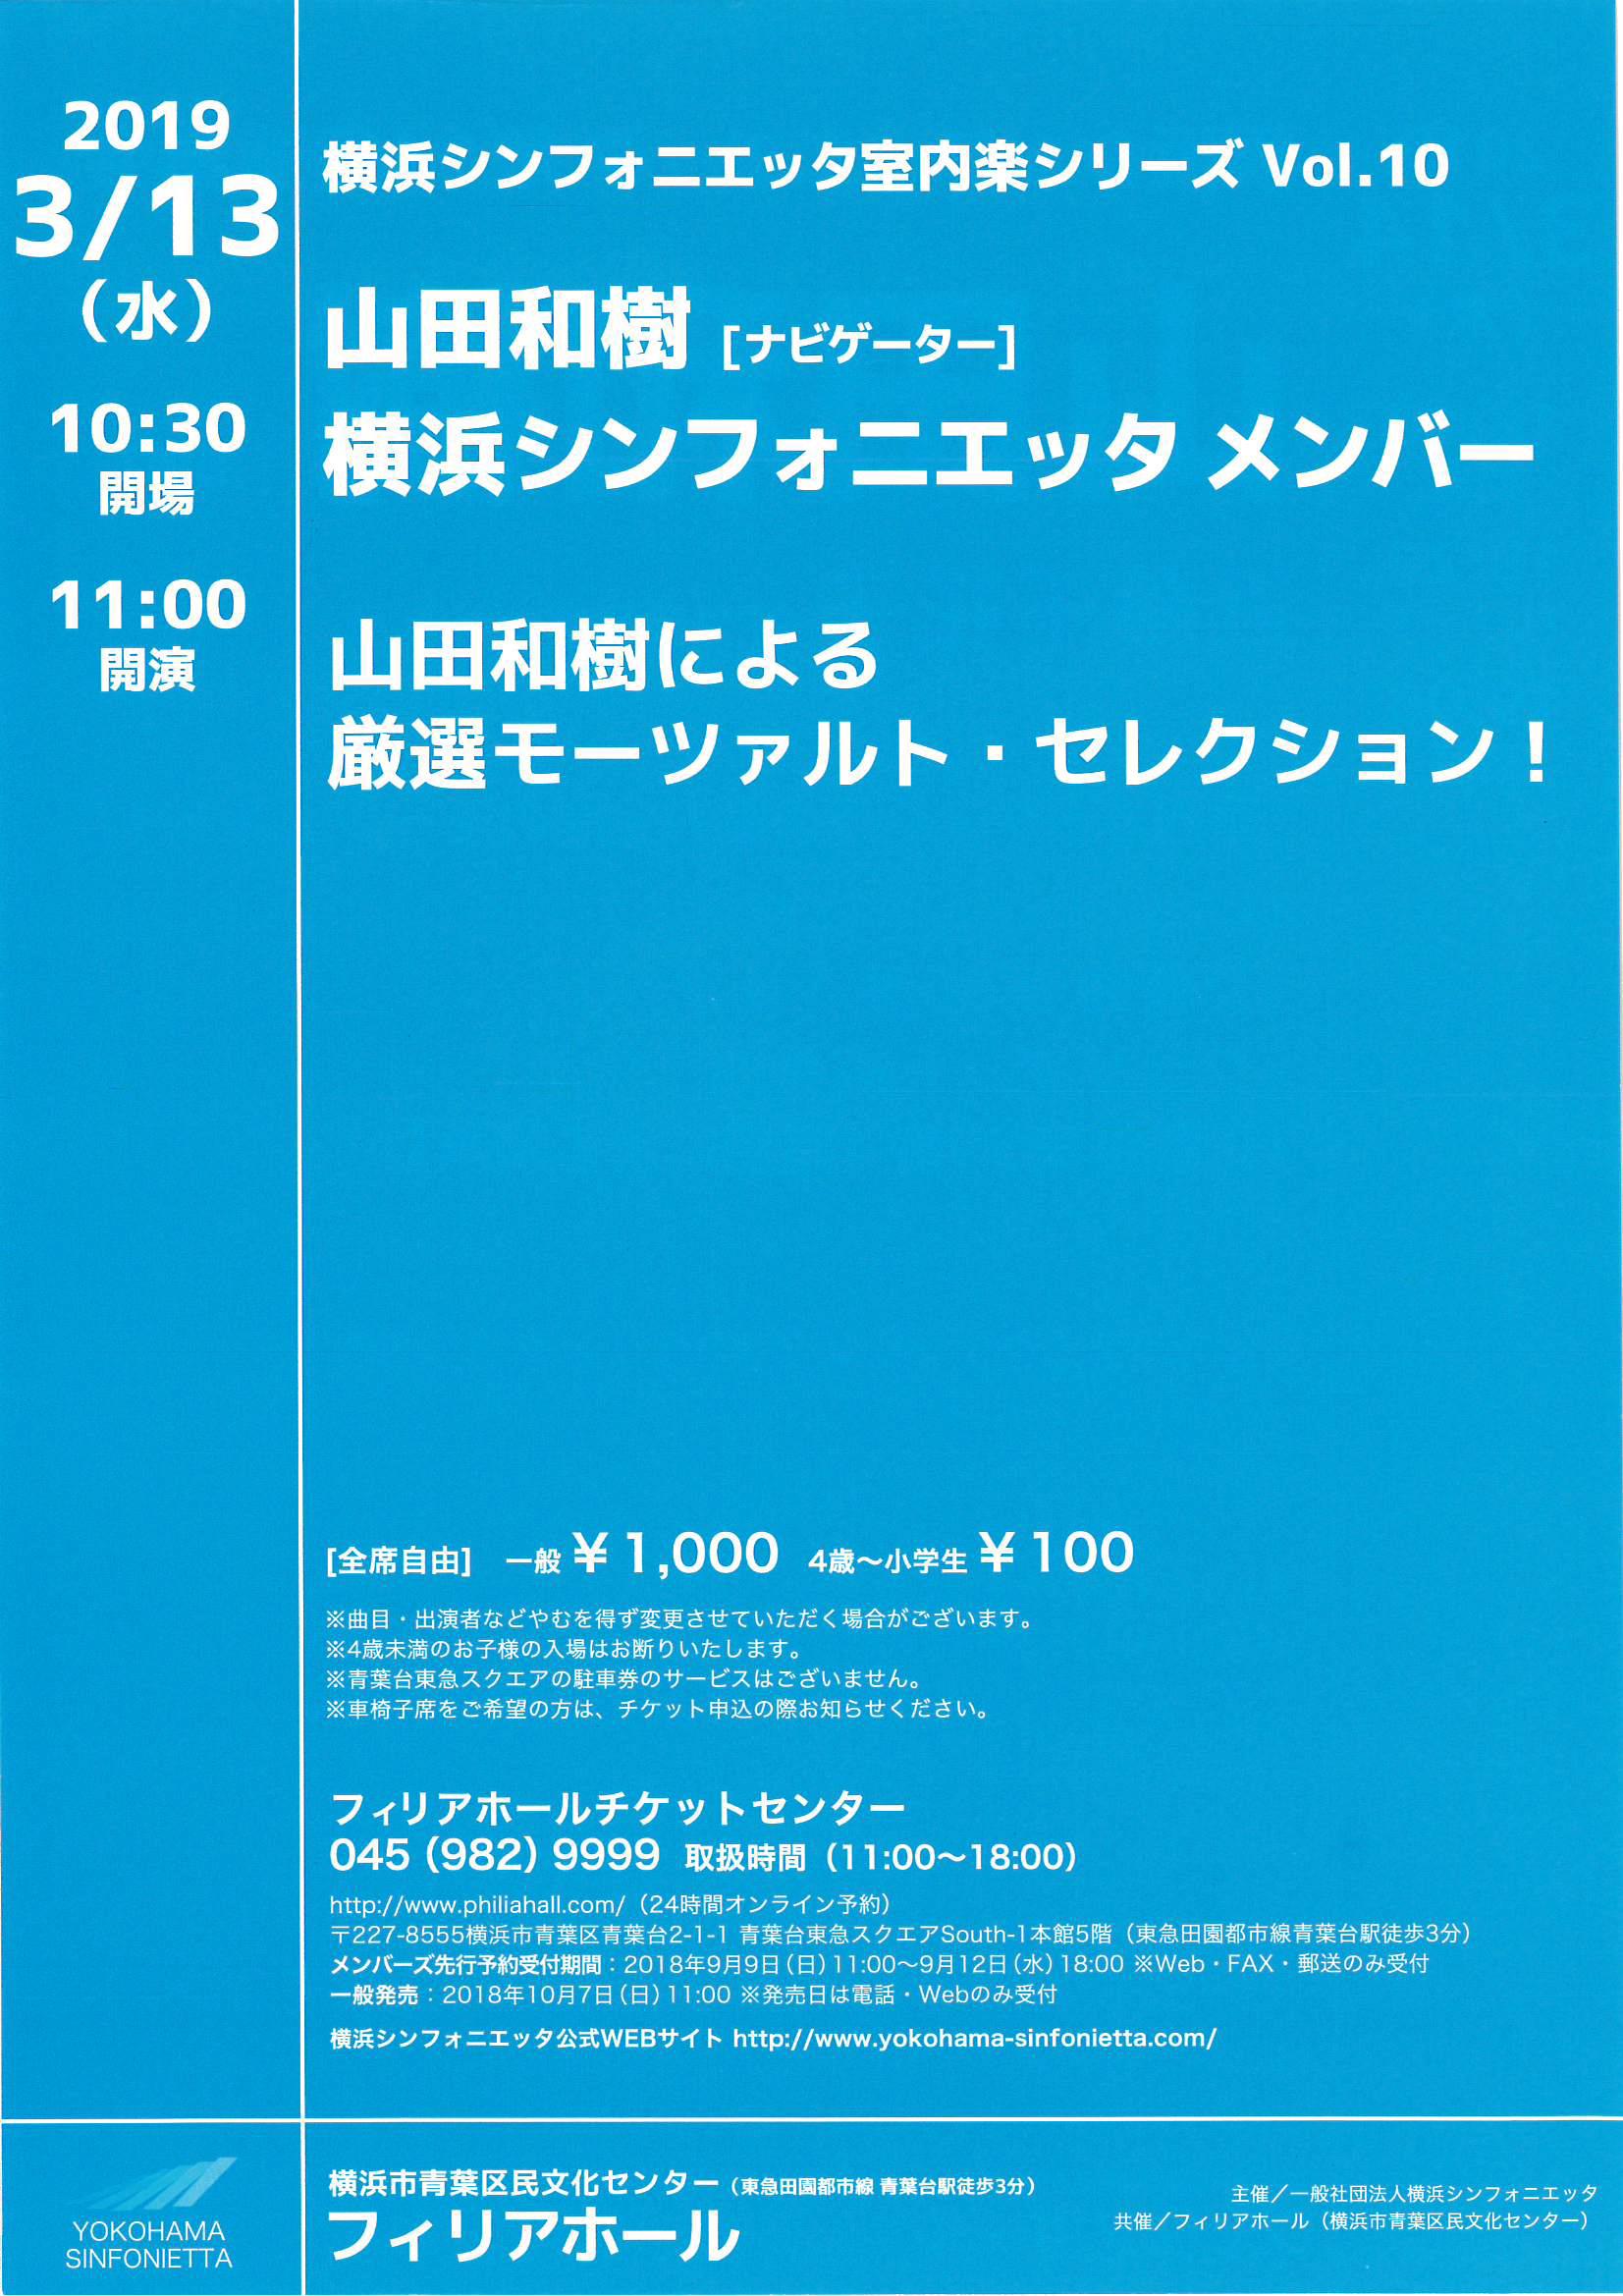 横浜シンフォニエッタ 室内楽シリーズ Vol.10